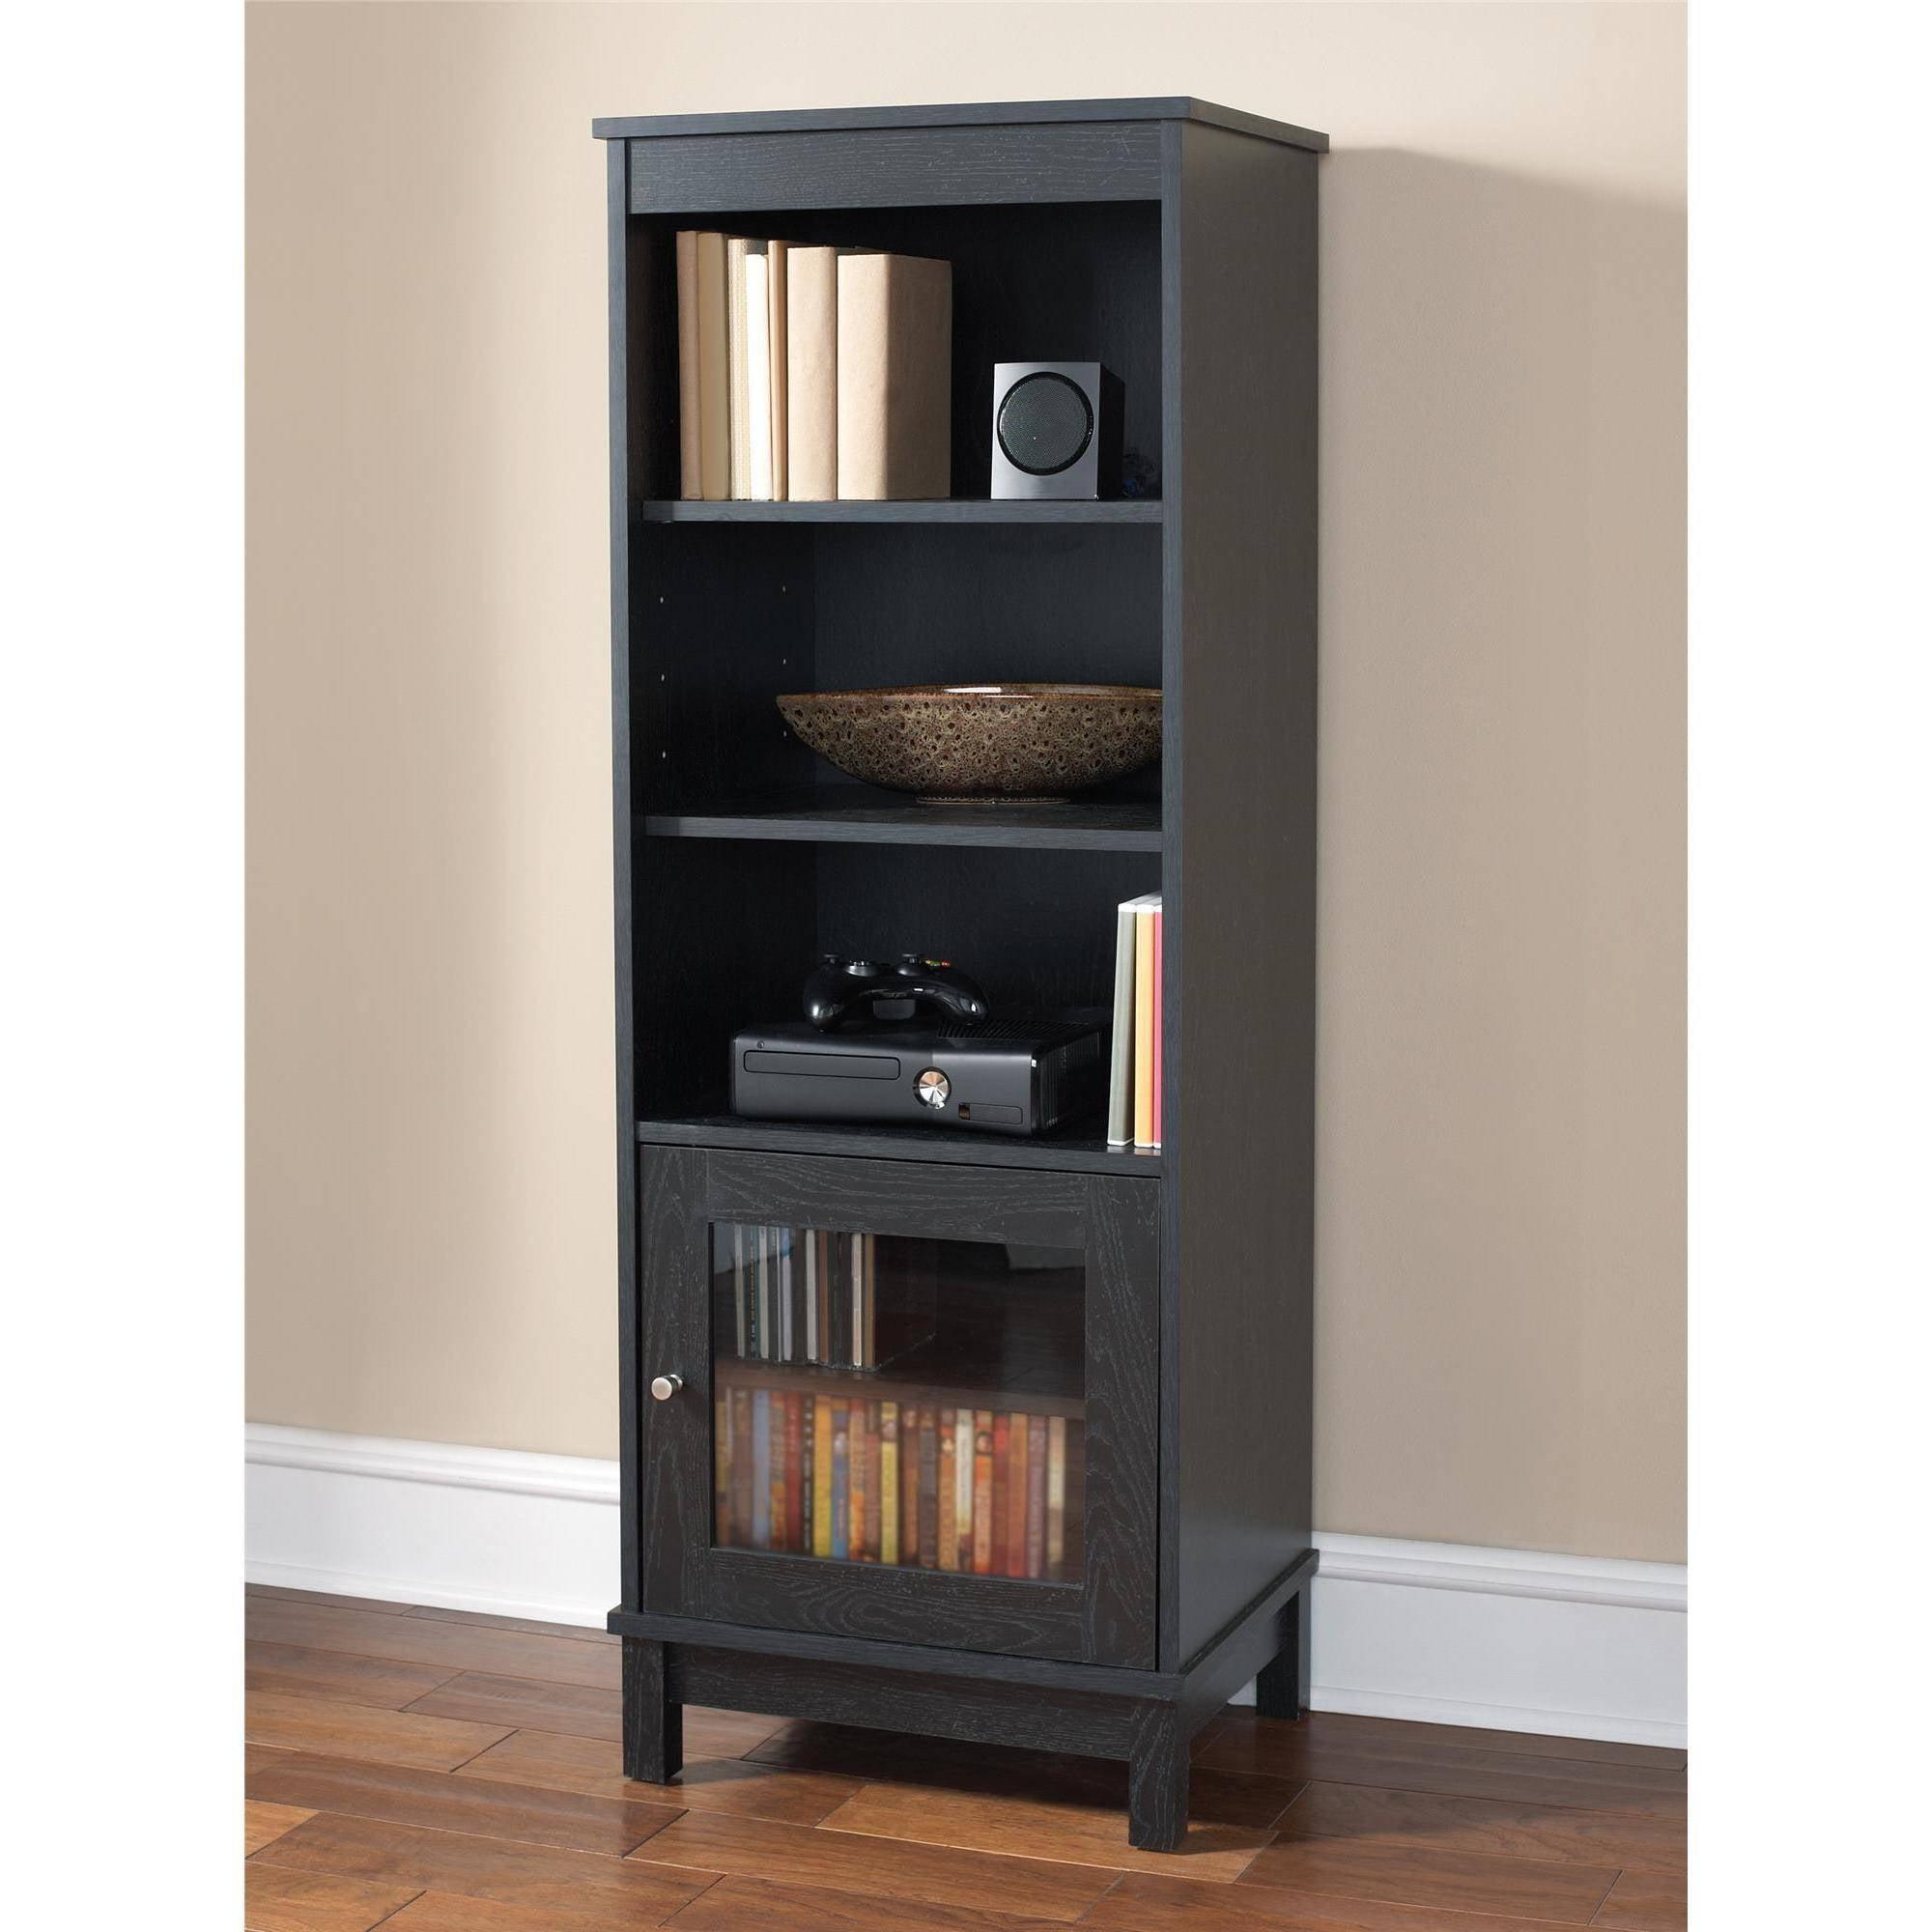 Mainstays Media Storage Bookcase, Multiple Finishes